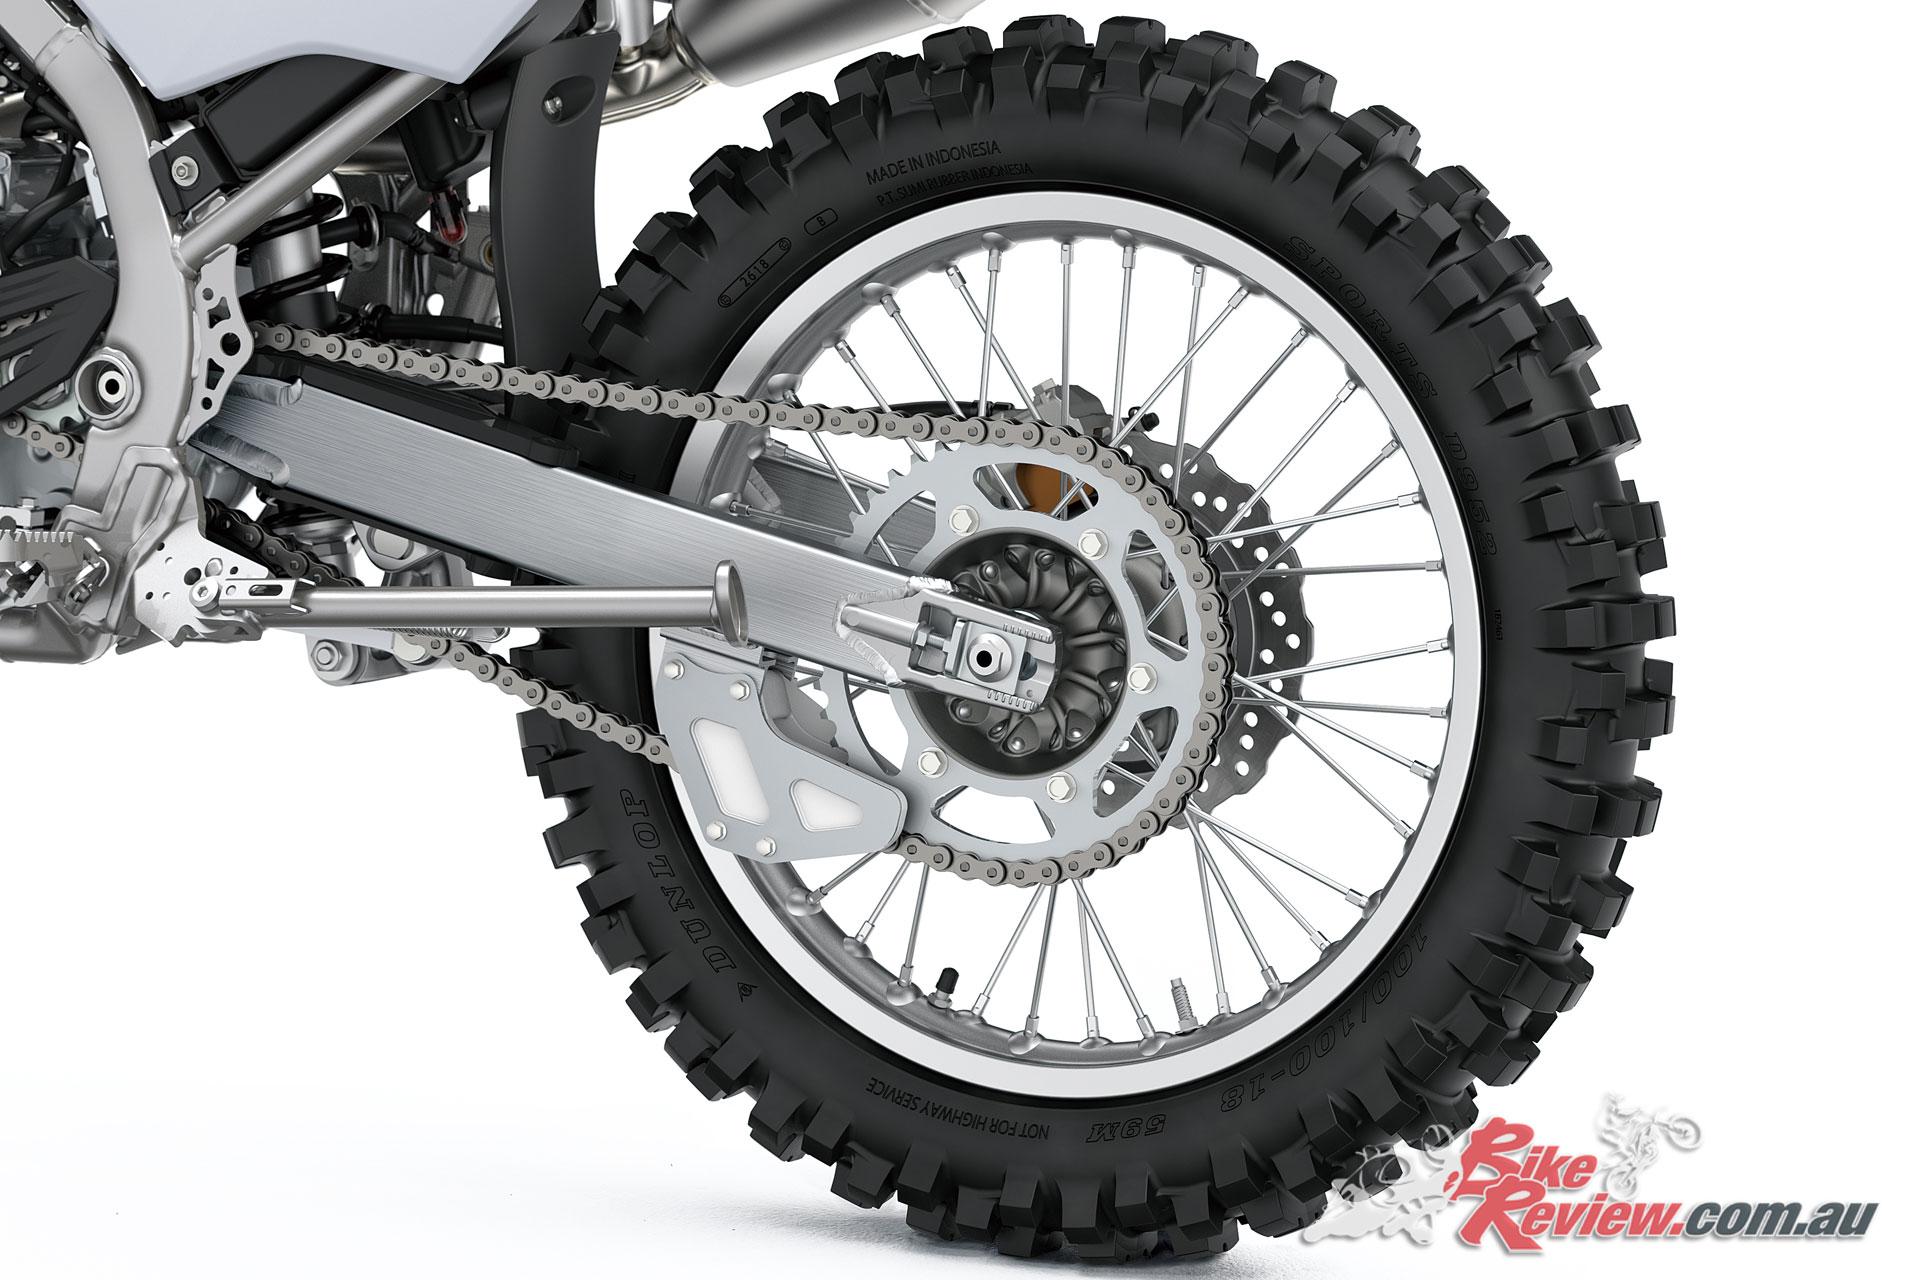 2020 Kawasaki KLX230R aluminium swingarm and 18in rear wheel